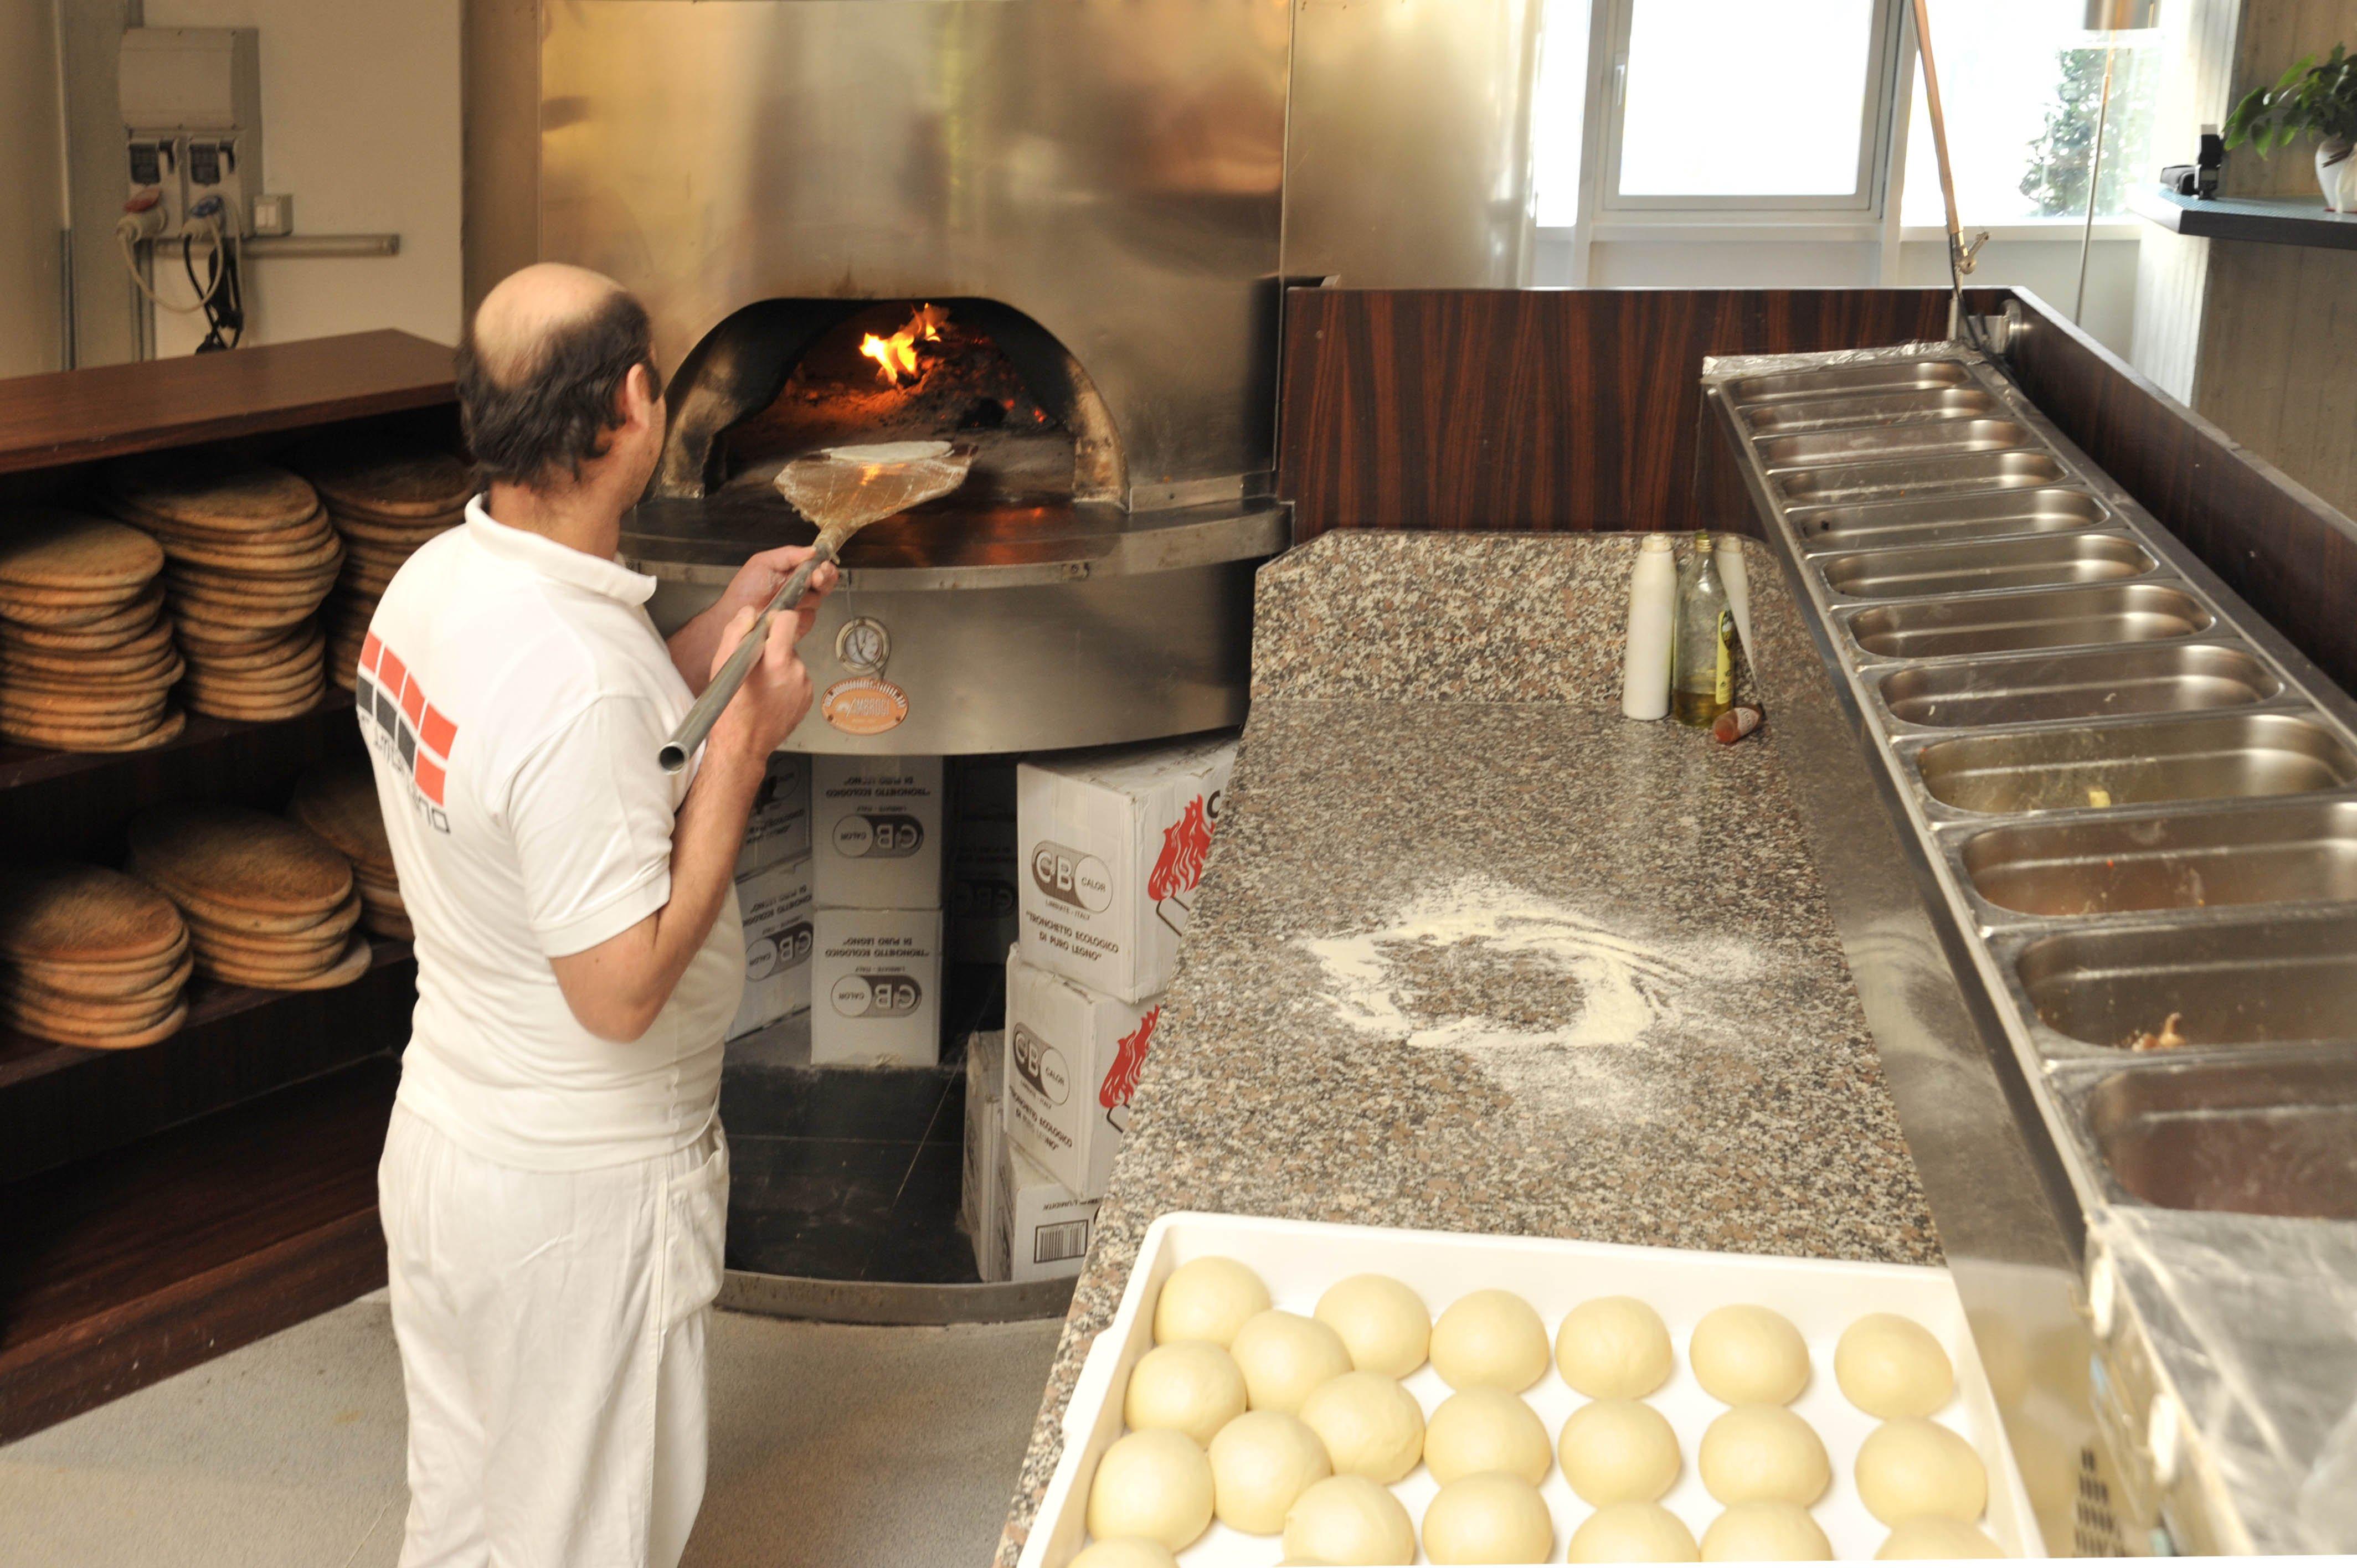 un pizzaiolo davanti al forno